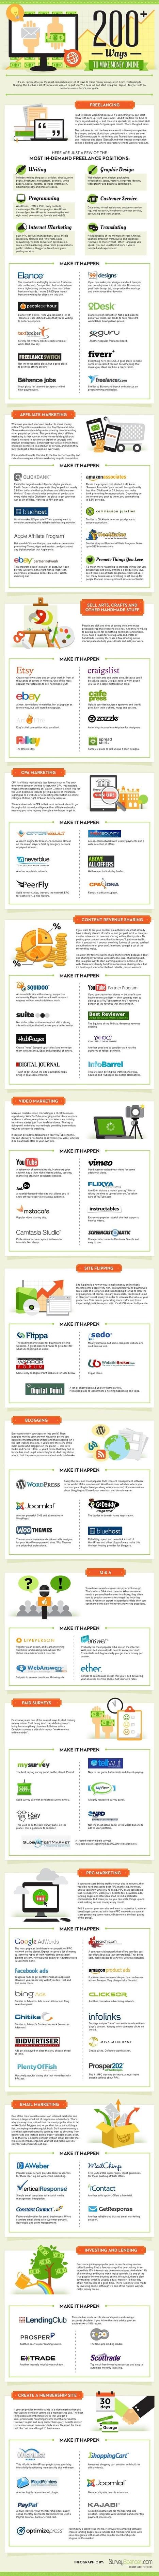 200 ways to make money online | My Startup | Scoop.it